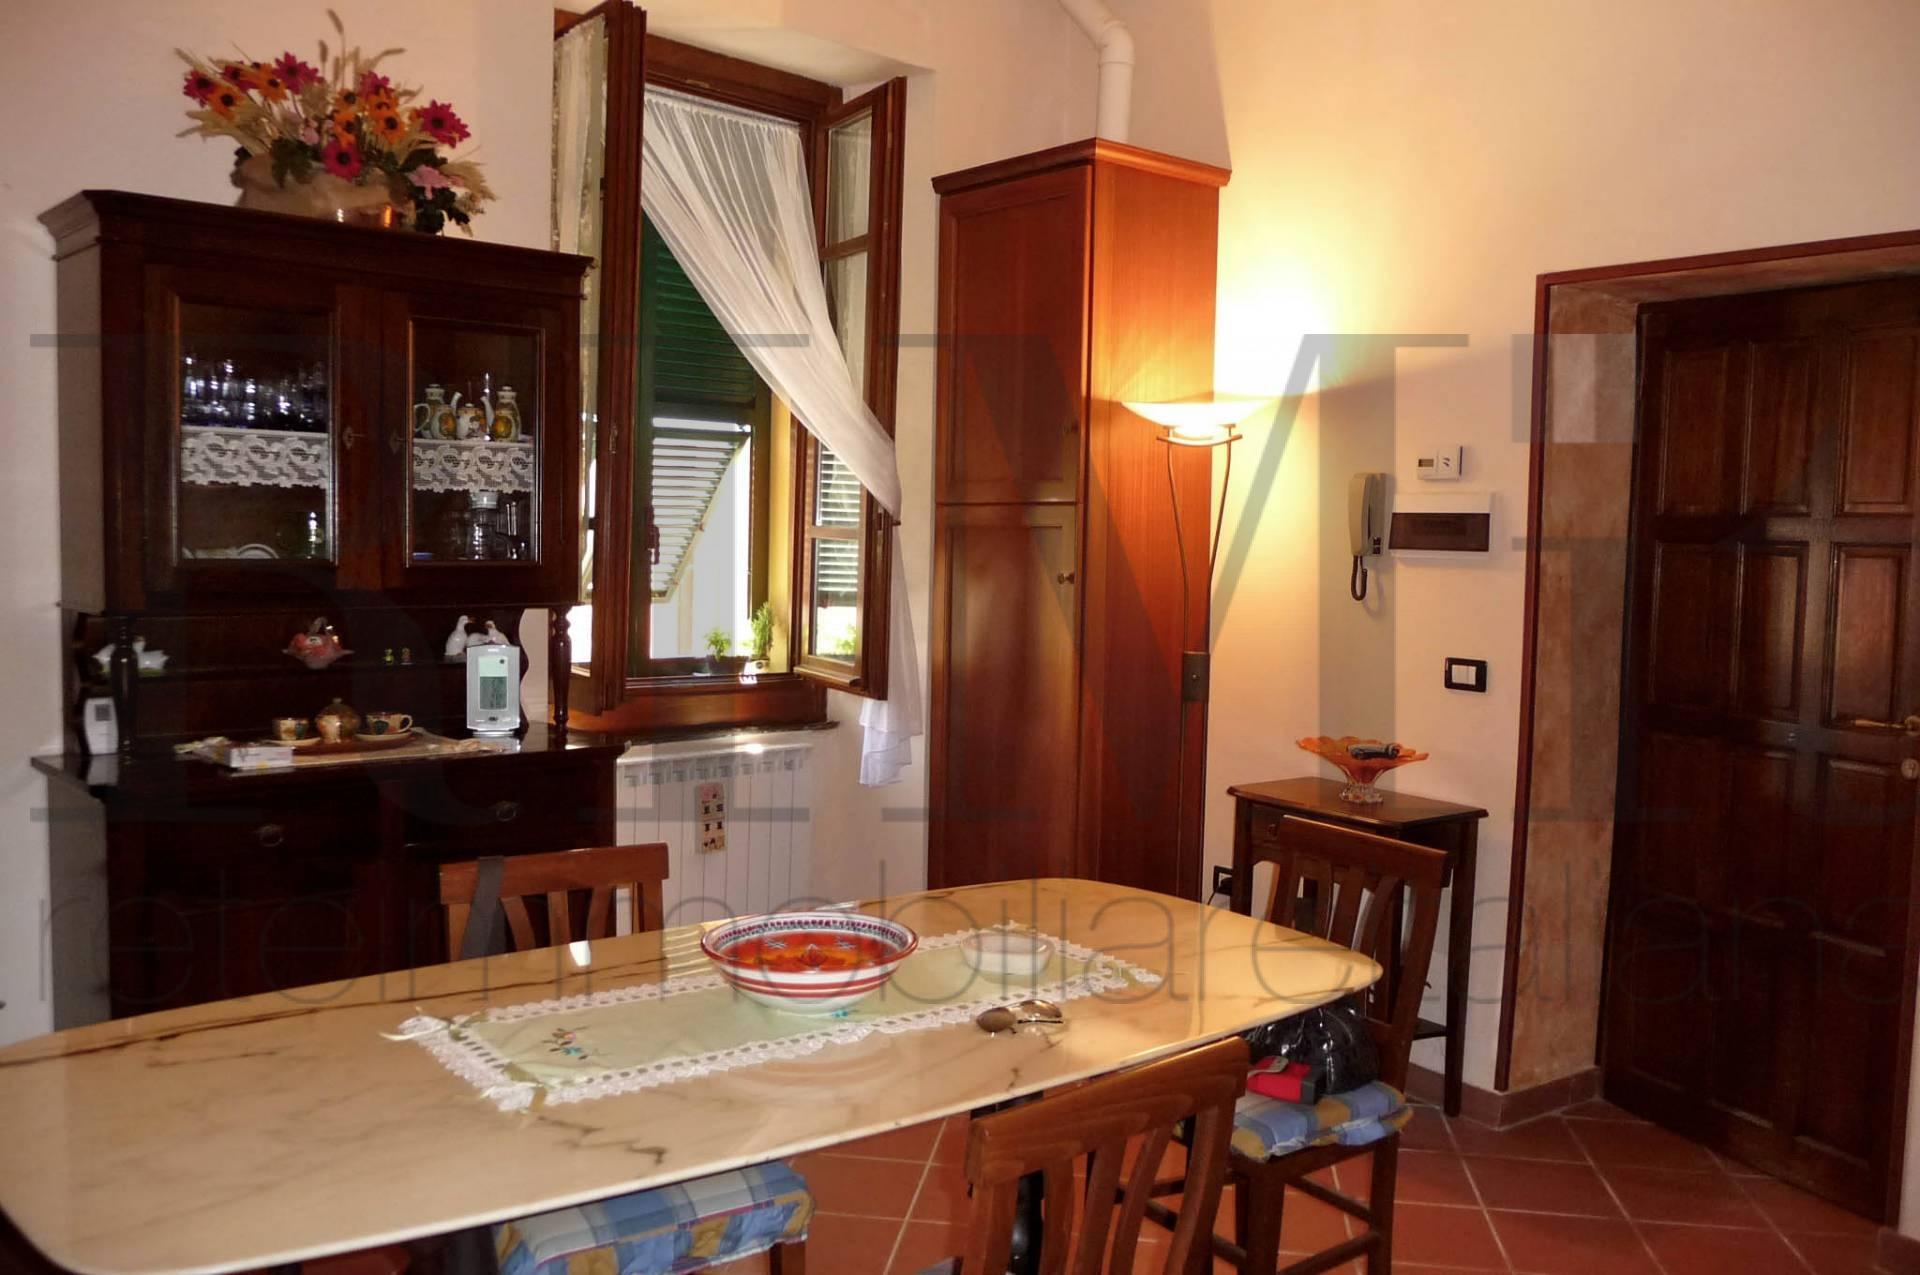 Appartamento in vendita a Carro, 3 locali, prezzo € 129.000 | Cambio Casa.it